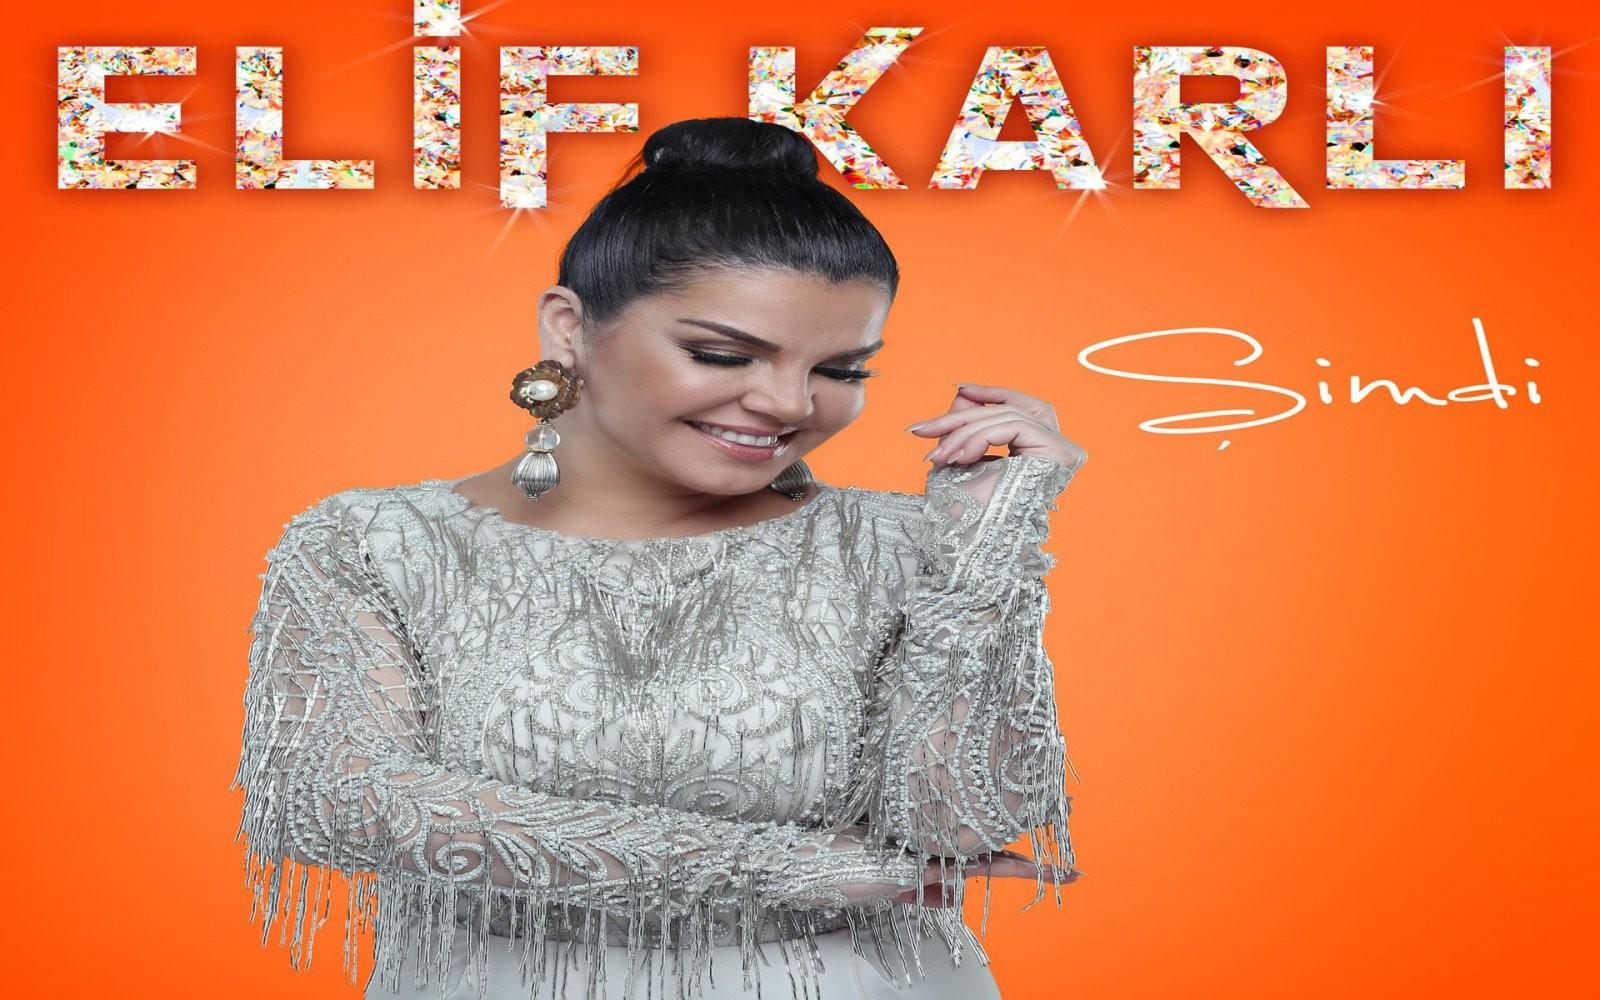 Elif Karlı - Şimdi (EP) Albümü [2018] 320 Kbps İndir